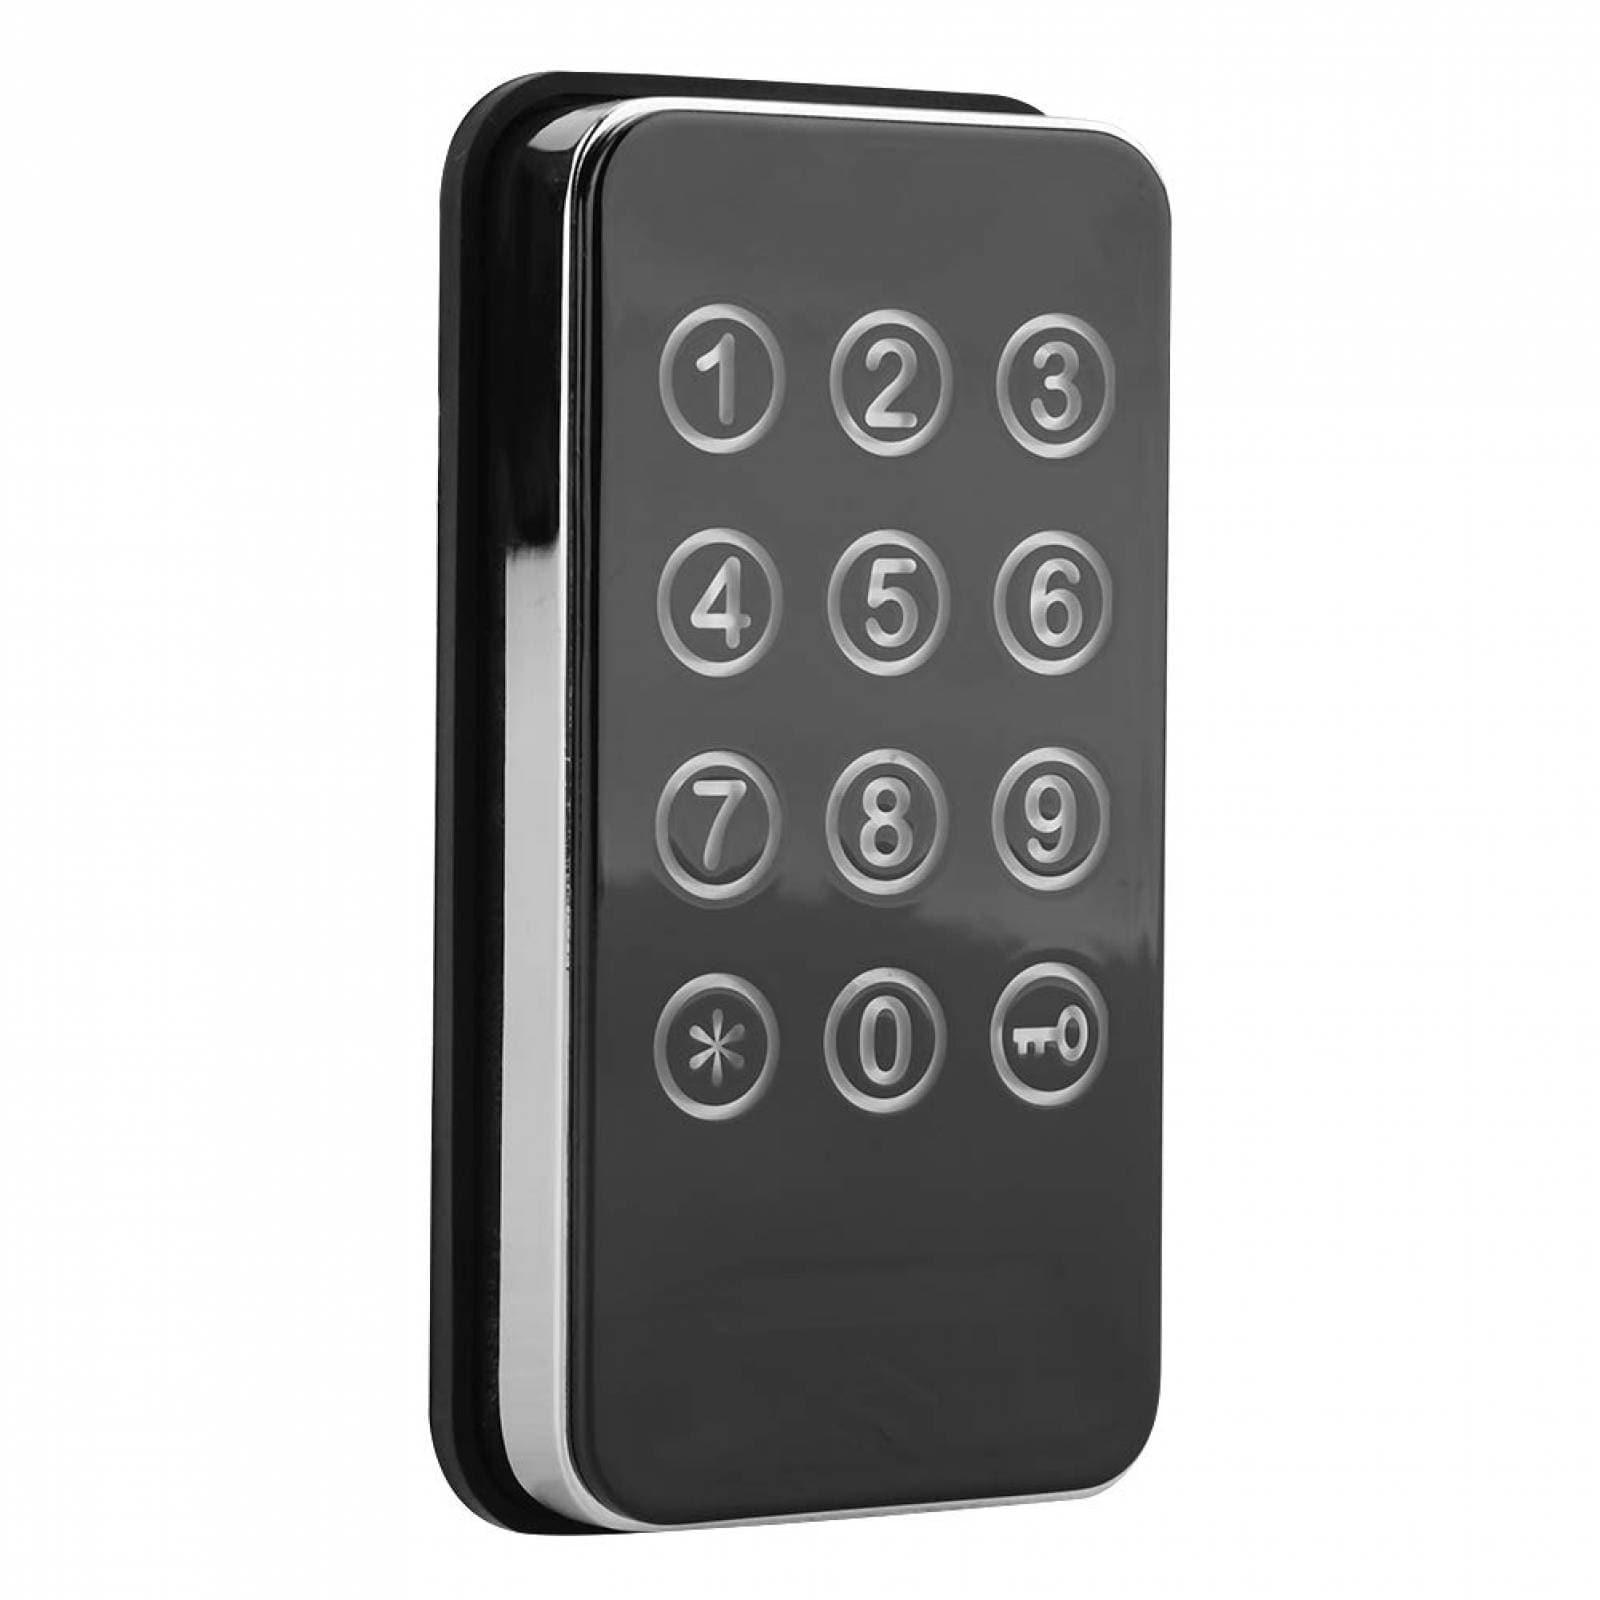 Teclado mecánico sin llave de plata de la contraseña de código digital Cerradura de puerta para oficina Gat